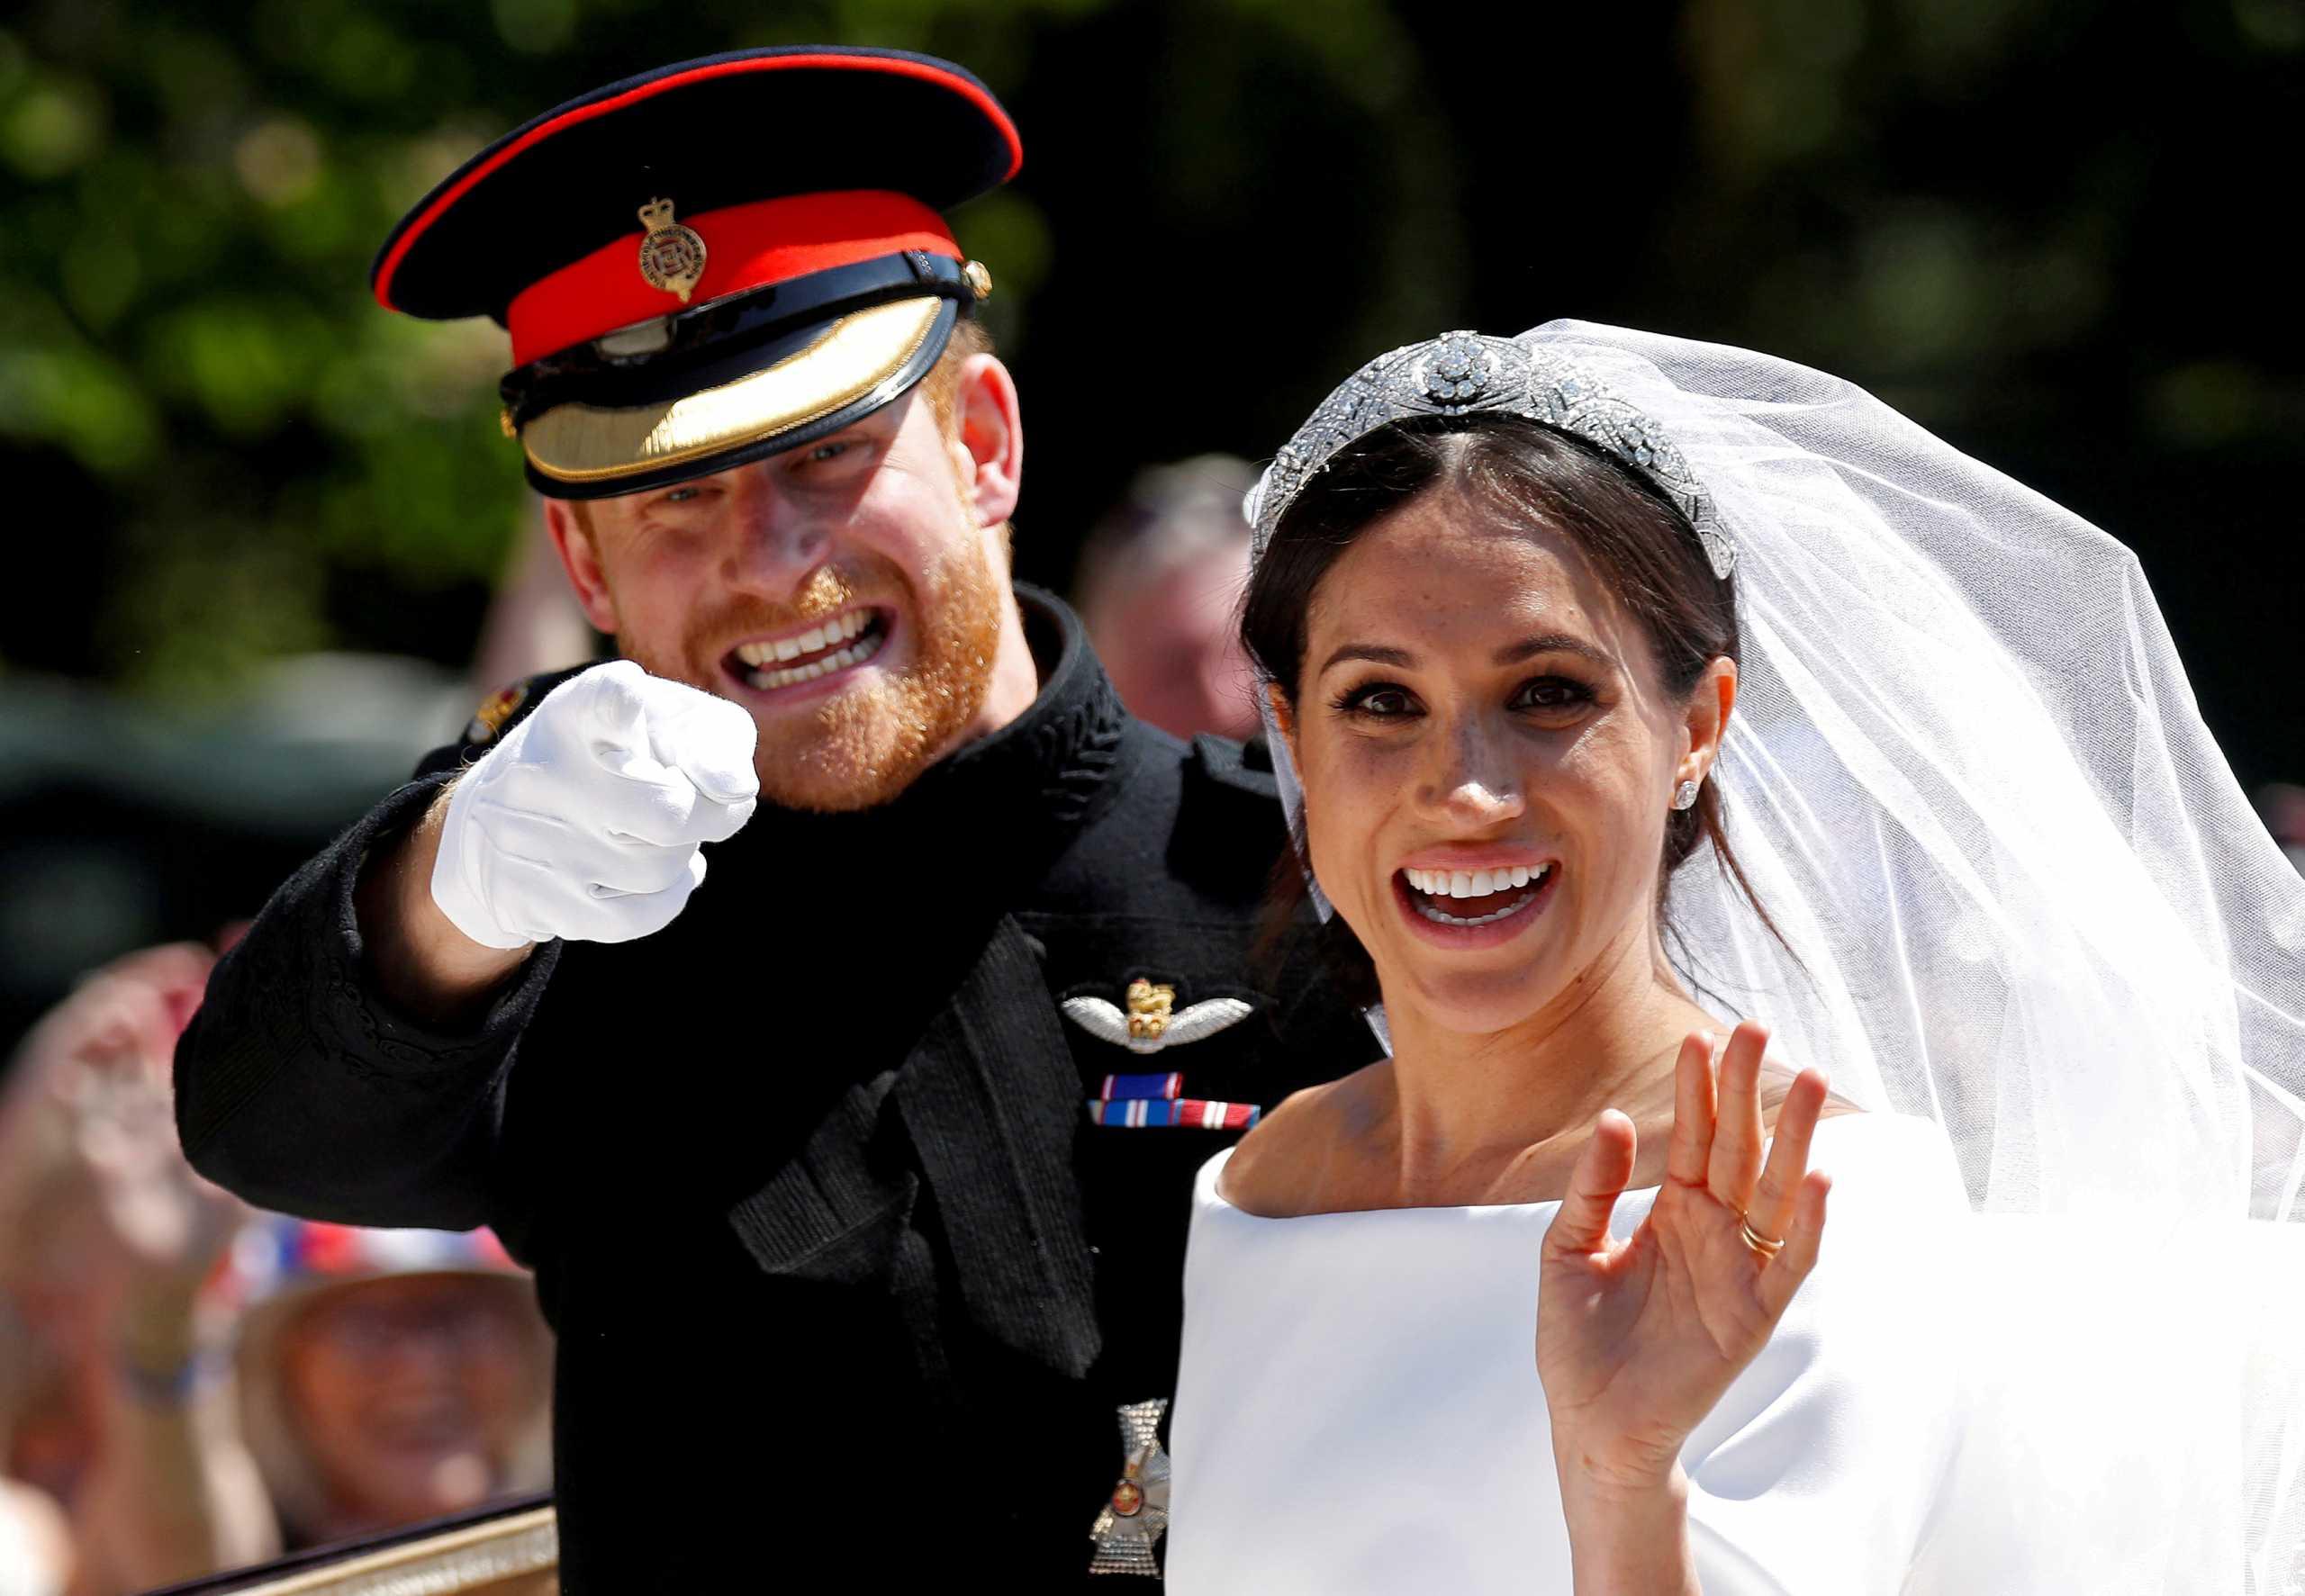 Αποκάλυψη: Αυτή ήταν η αντίδραση της βασίλισσας Ελισάβετ για το νυφικό της Μέγκαν Μαρκλ